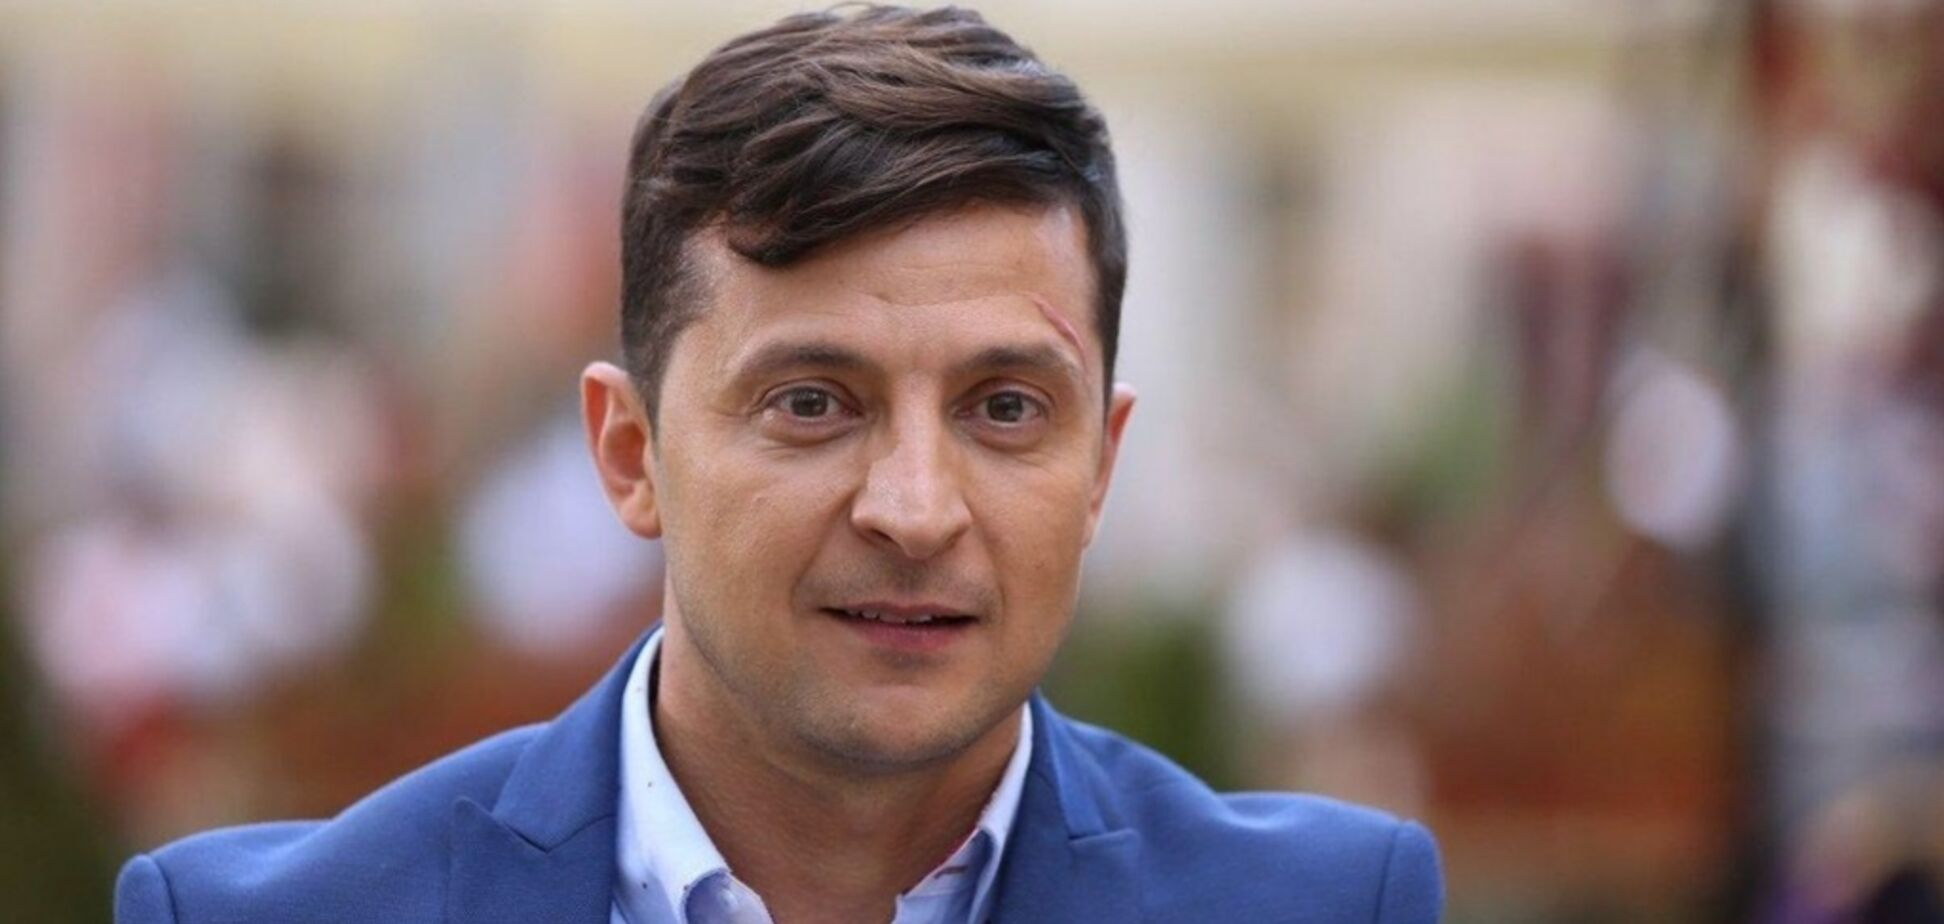 Не Зеленский? Кравчук высказался о 'темной лошадке' на выборах президента